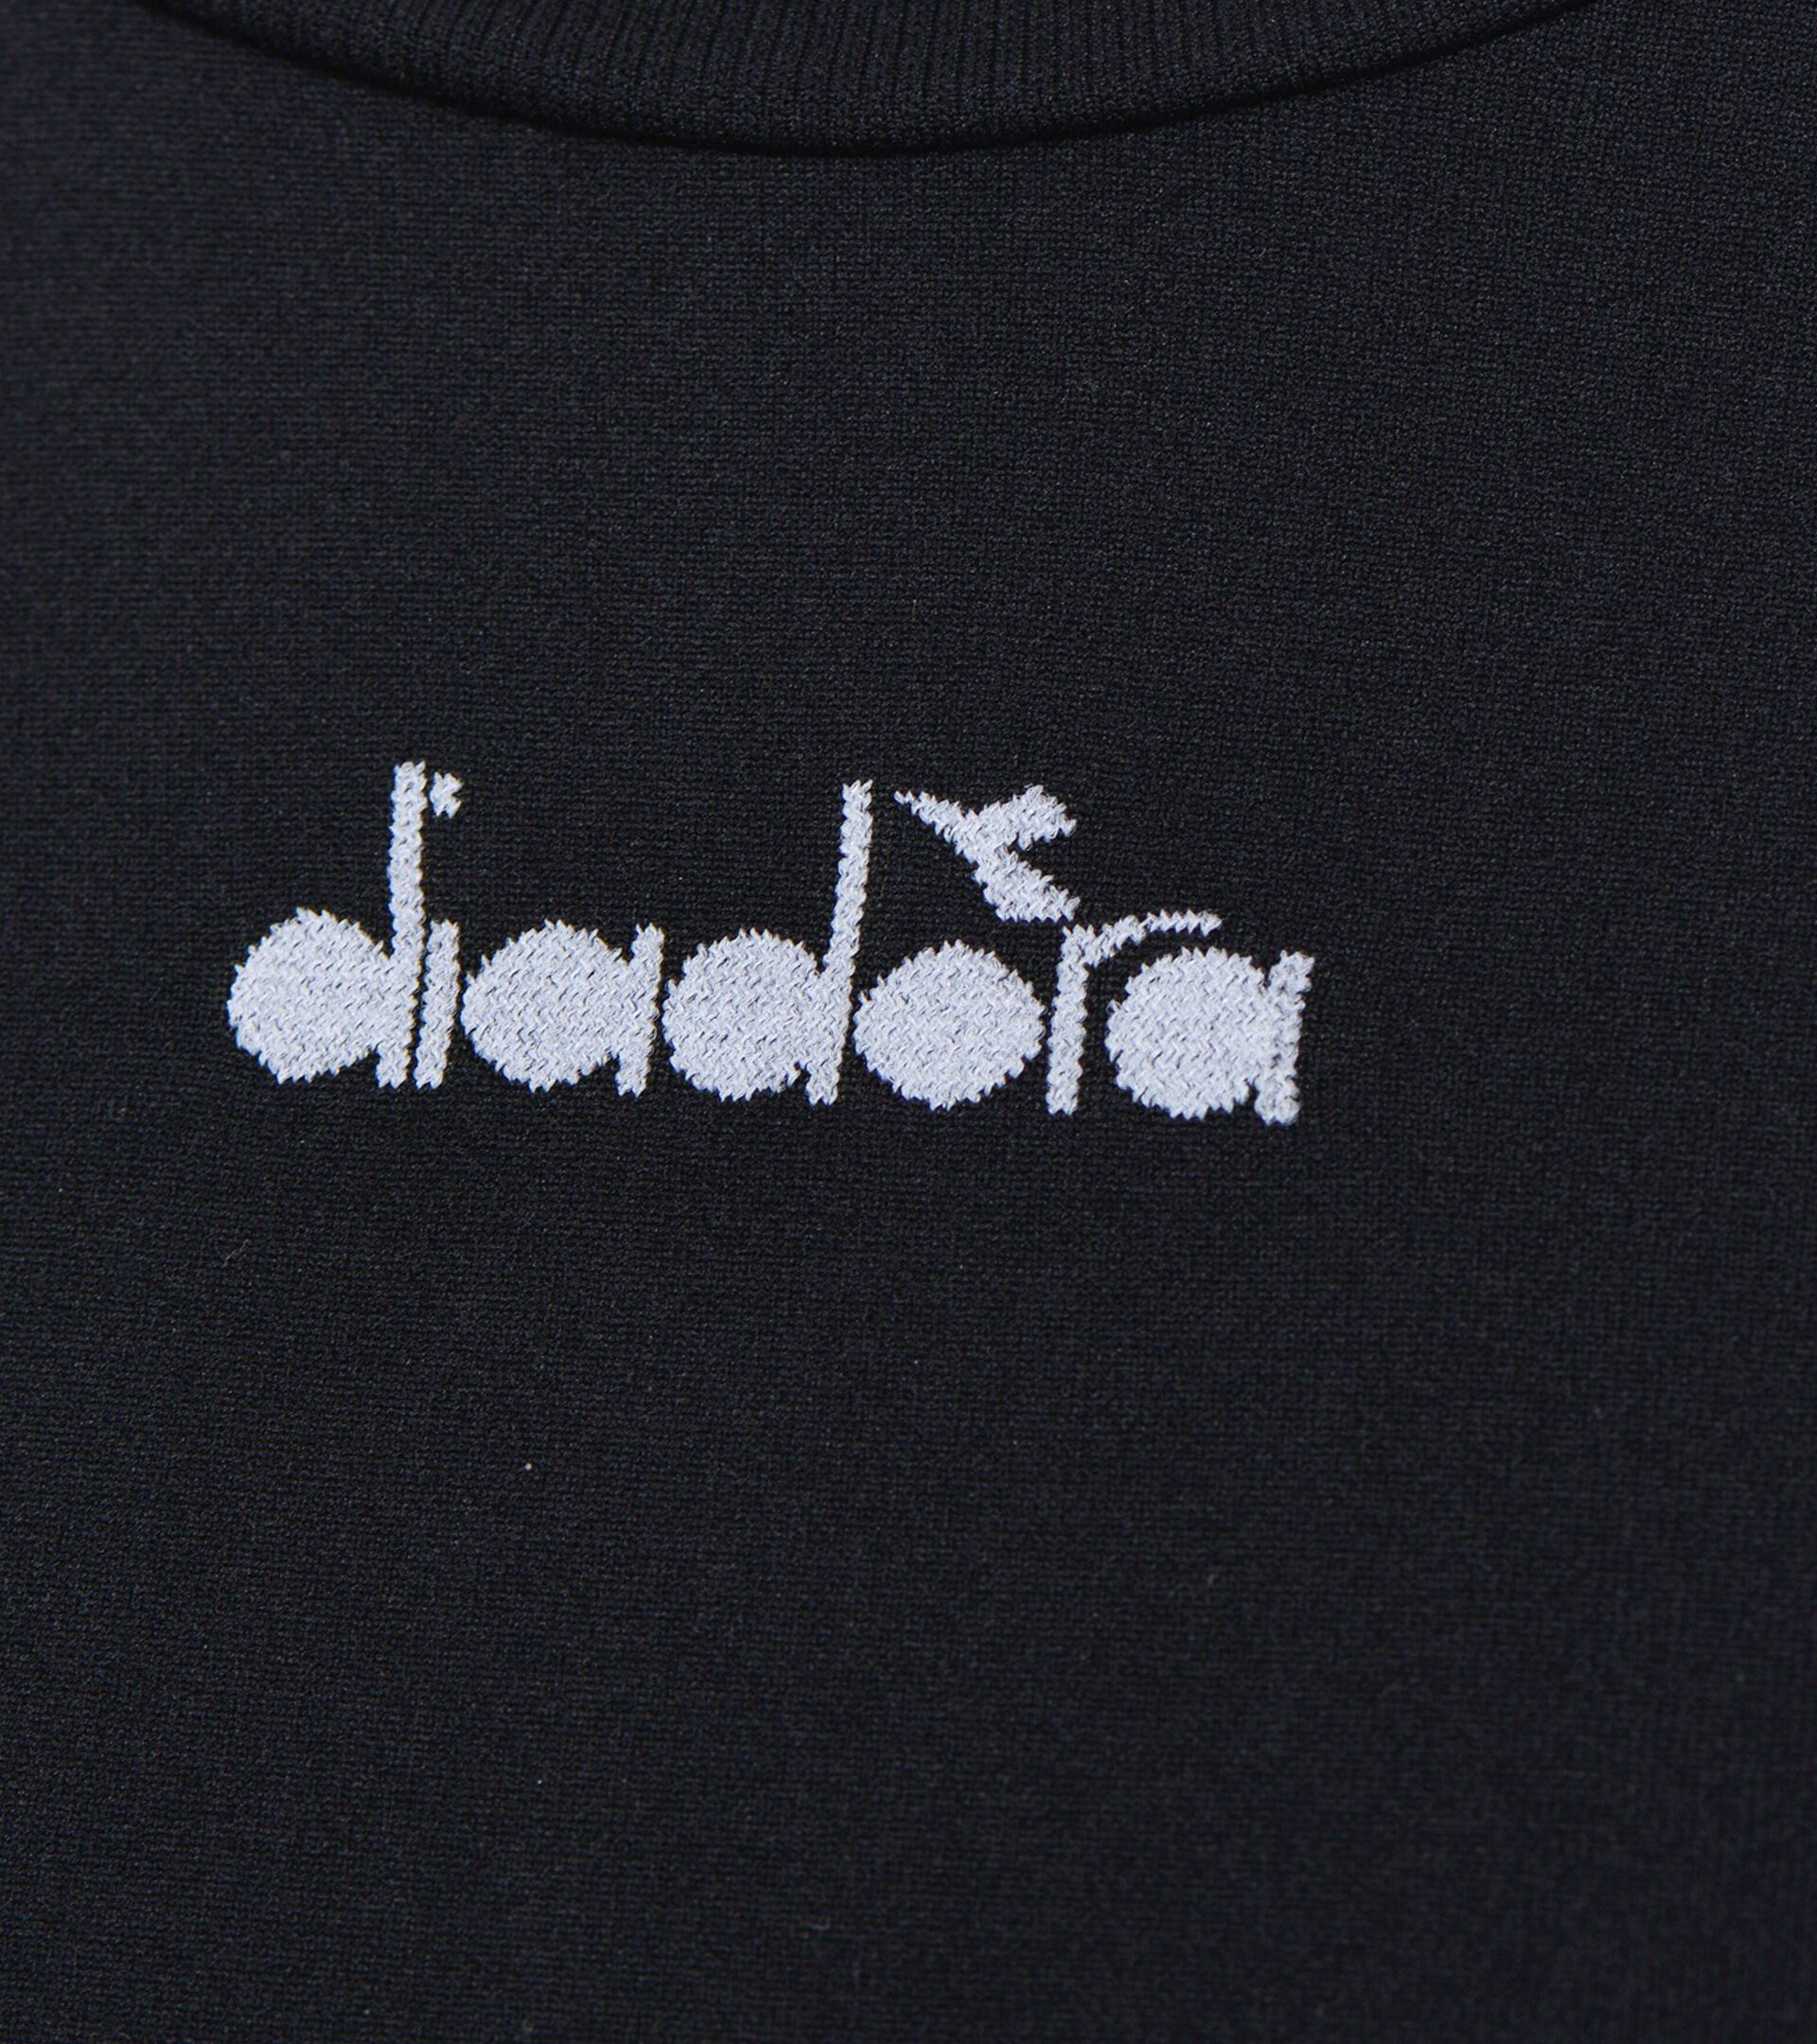 Apparel Sport DONNA L. SS SKIN FRIENDLY T-SHIRT BLACK Diadora